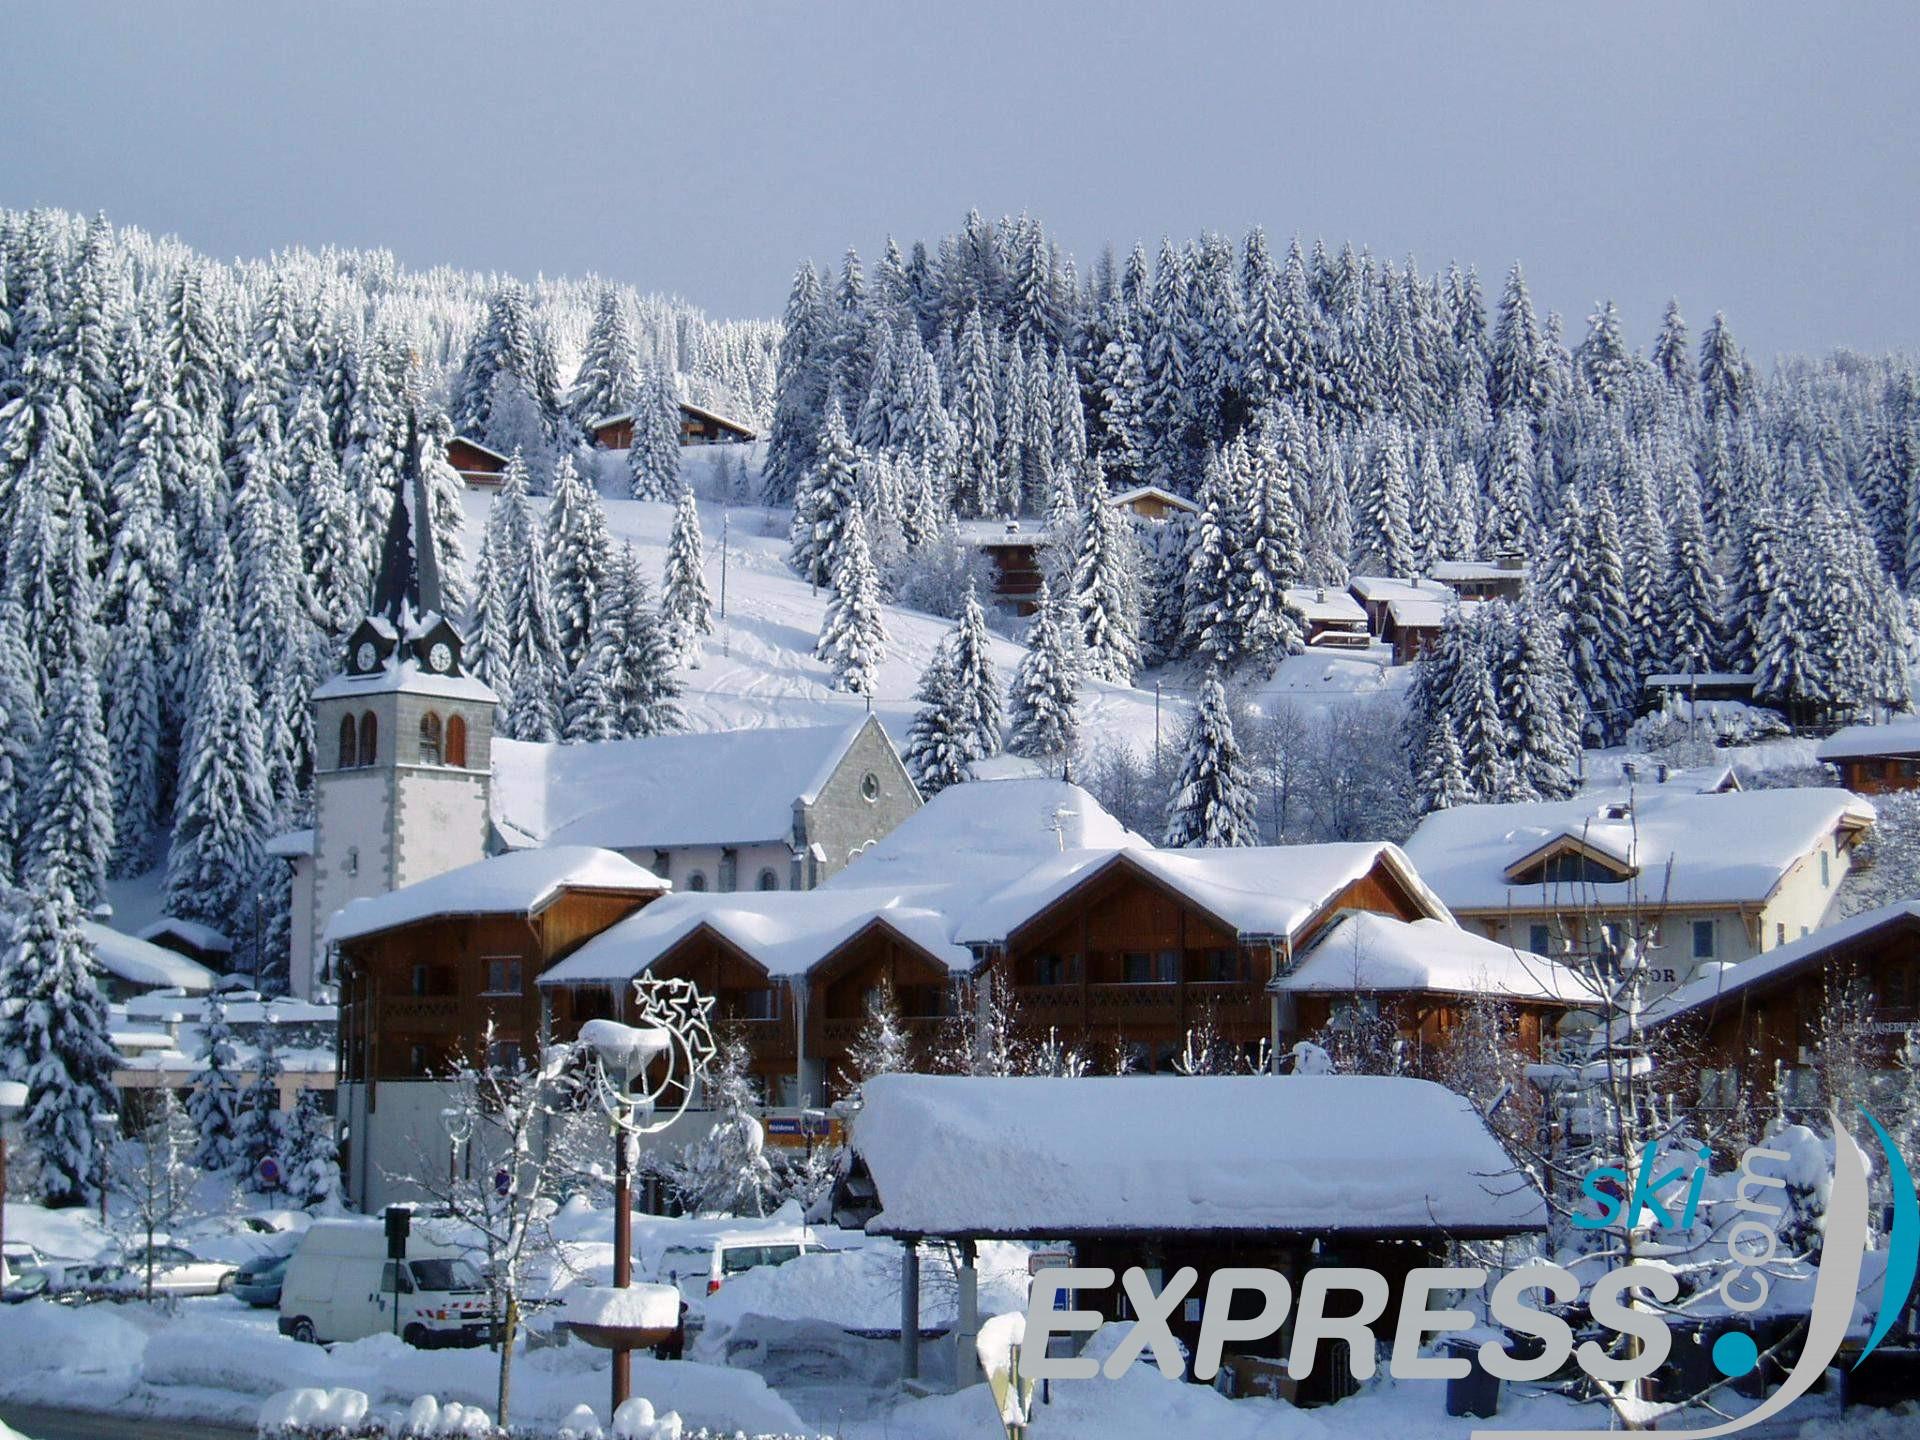 Les plus grands domaines skiables en france - Domaine skiable les portes du soleil ...